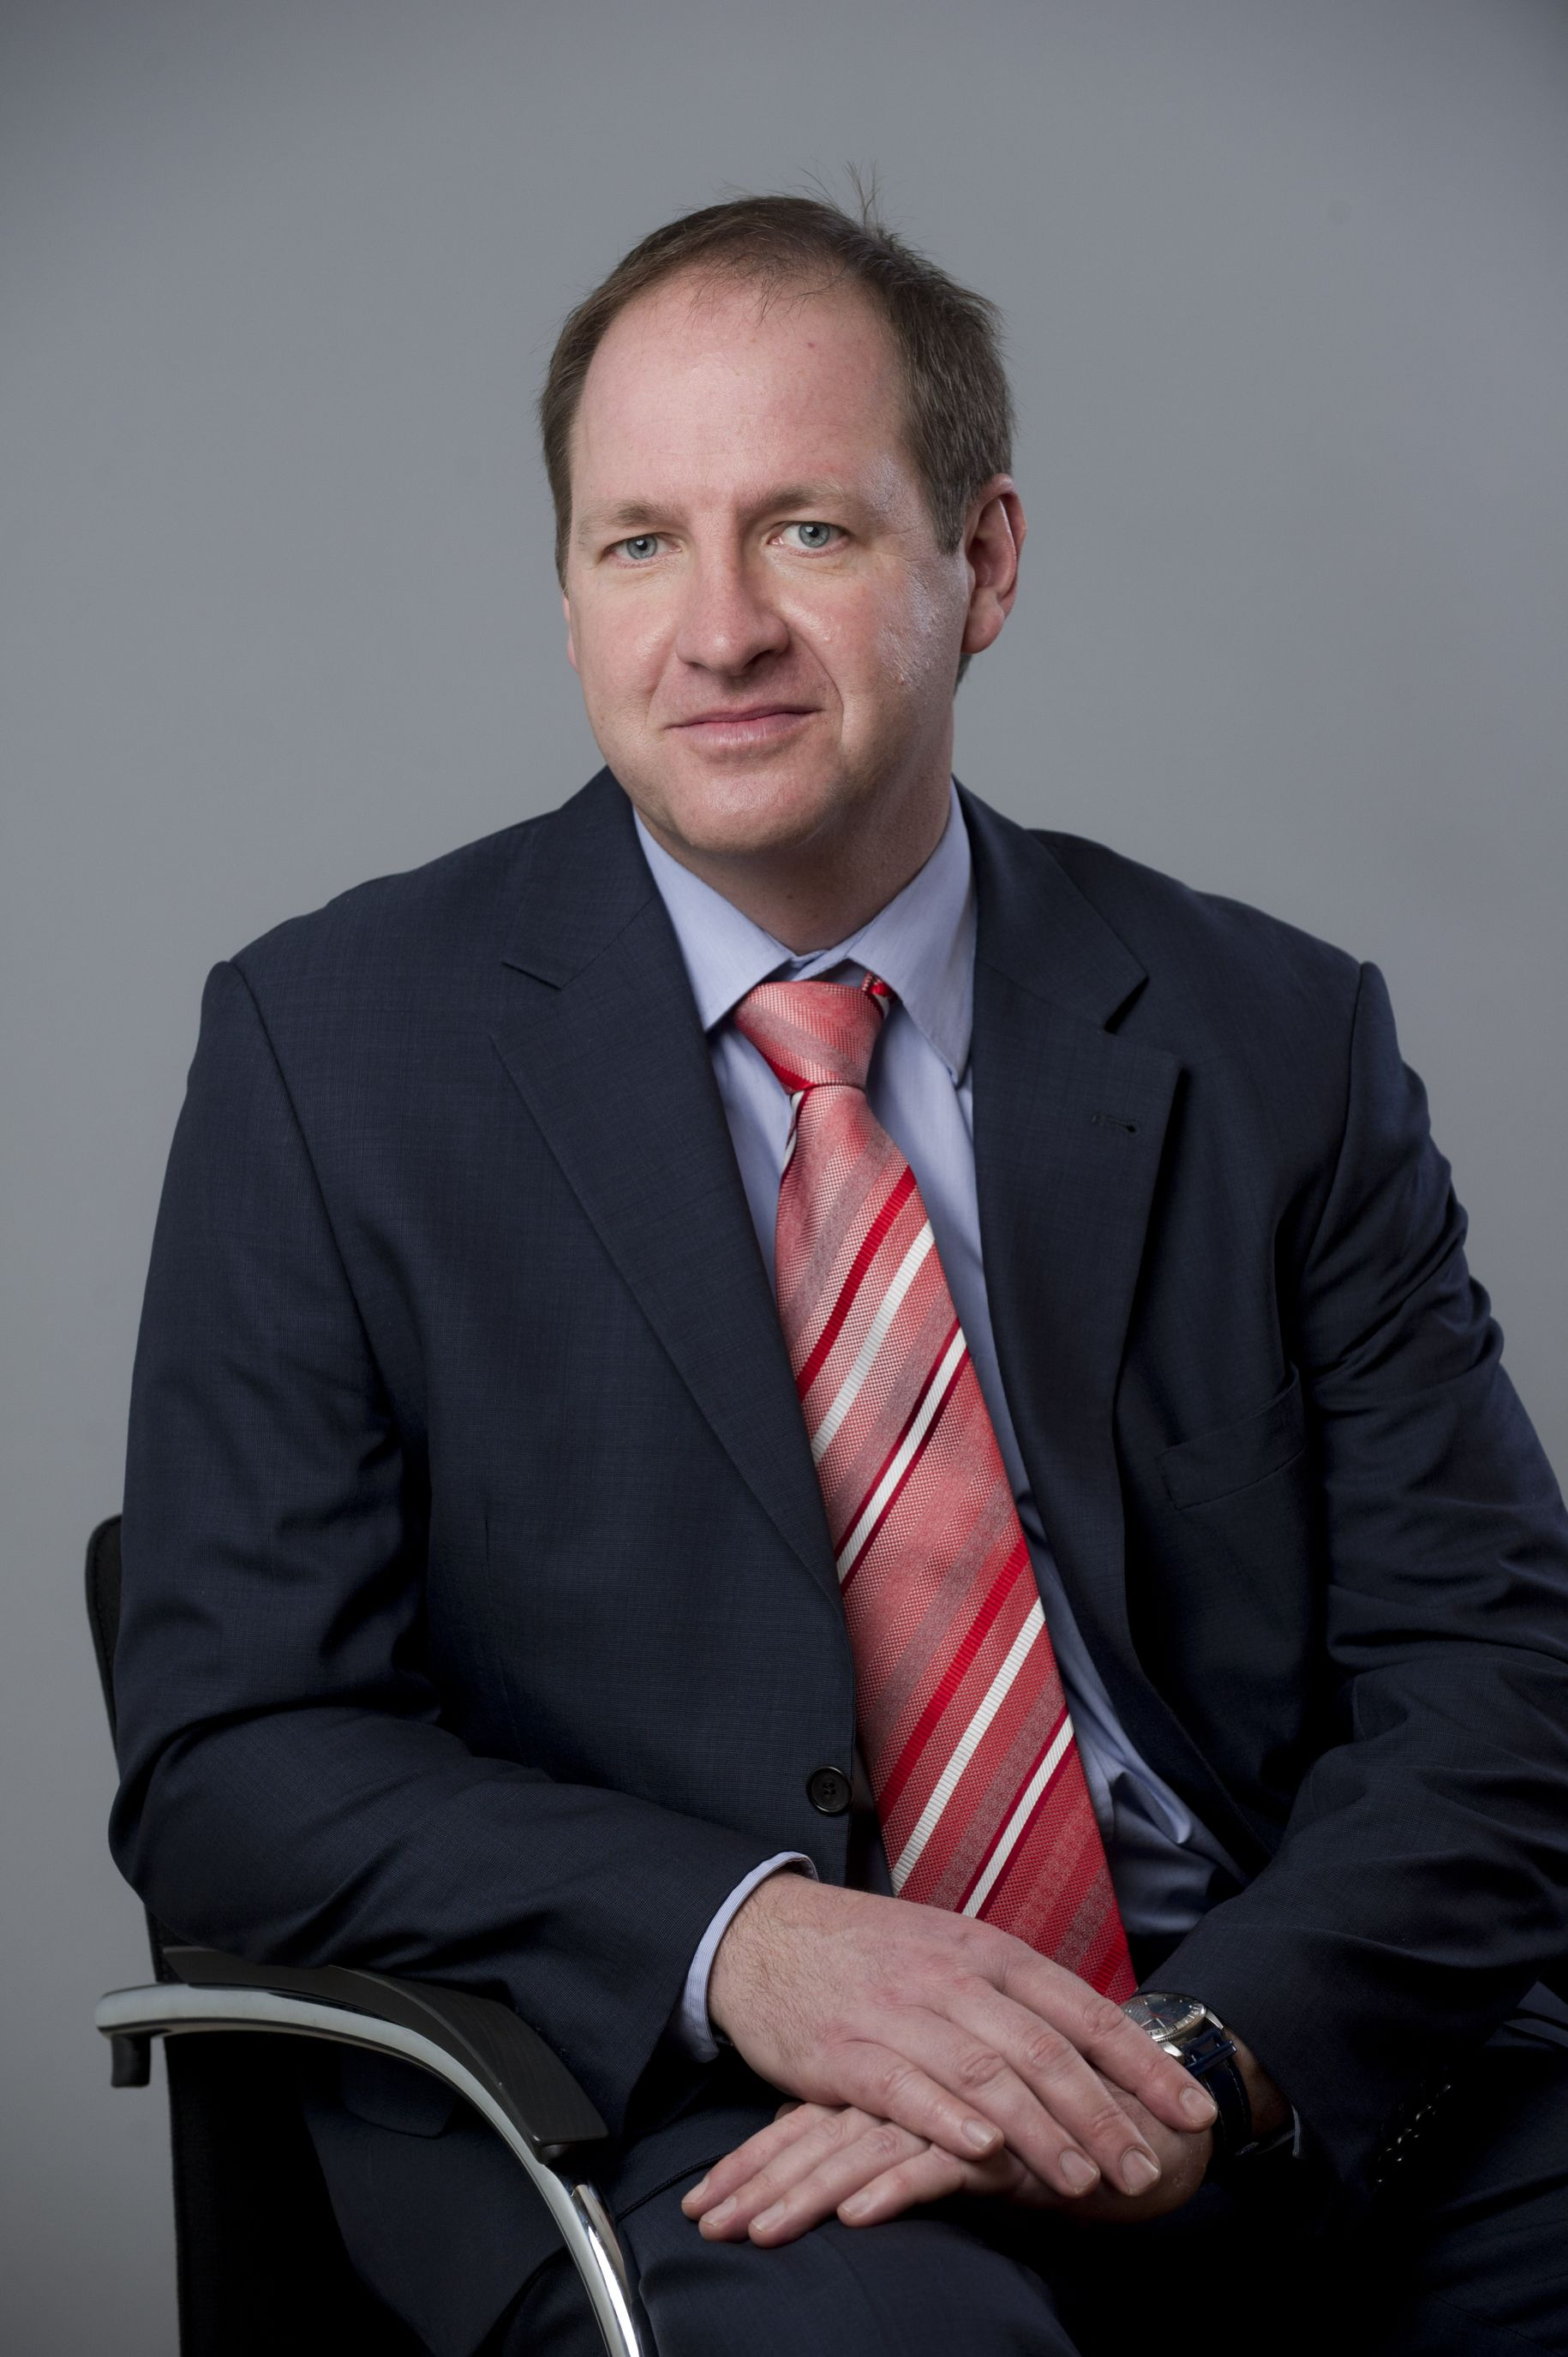 Christian Schild, Mitglied der Geschäftsleitung, Tillmann Verpackungen Schmalkalden GmbH, Herges-Hallenberg